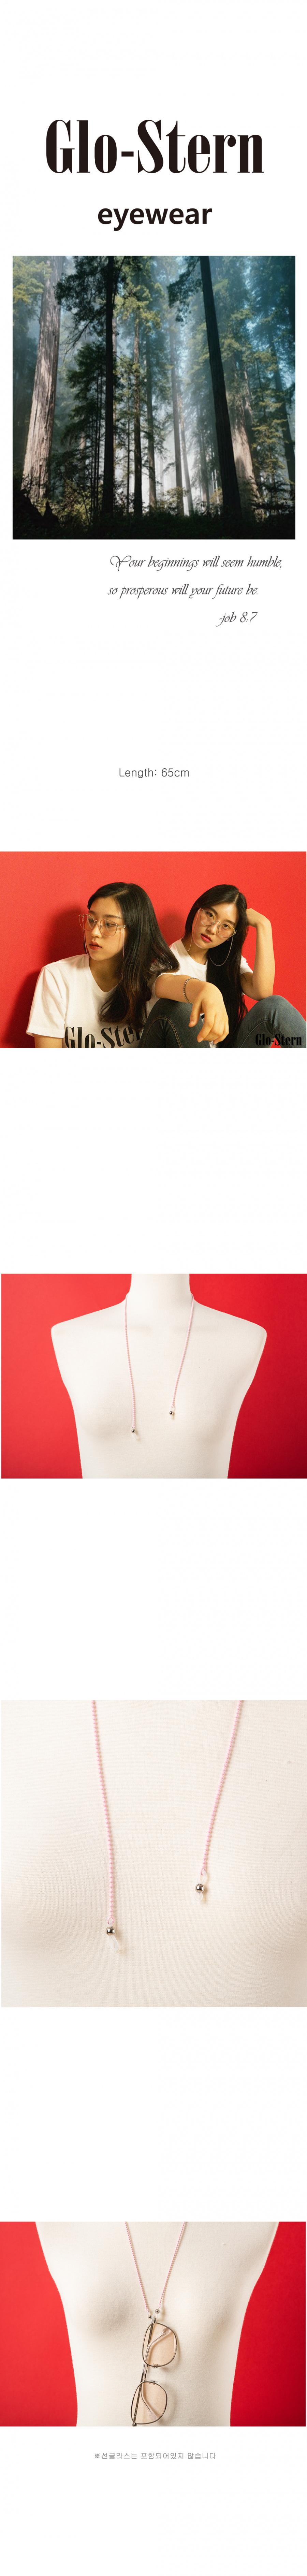 글로스턴(GLOSTERN) GS-Beads Babypink